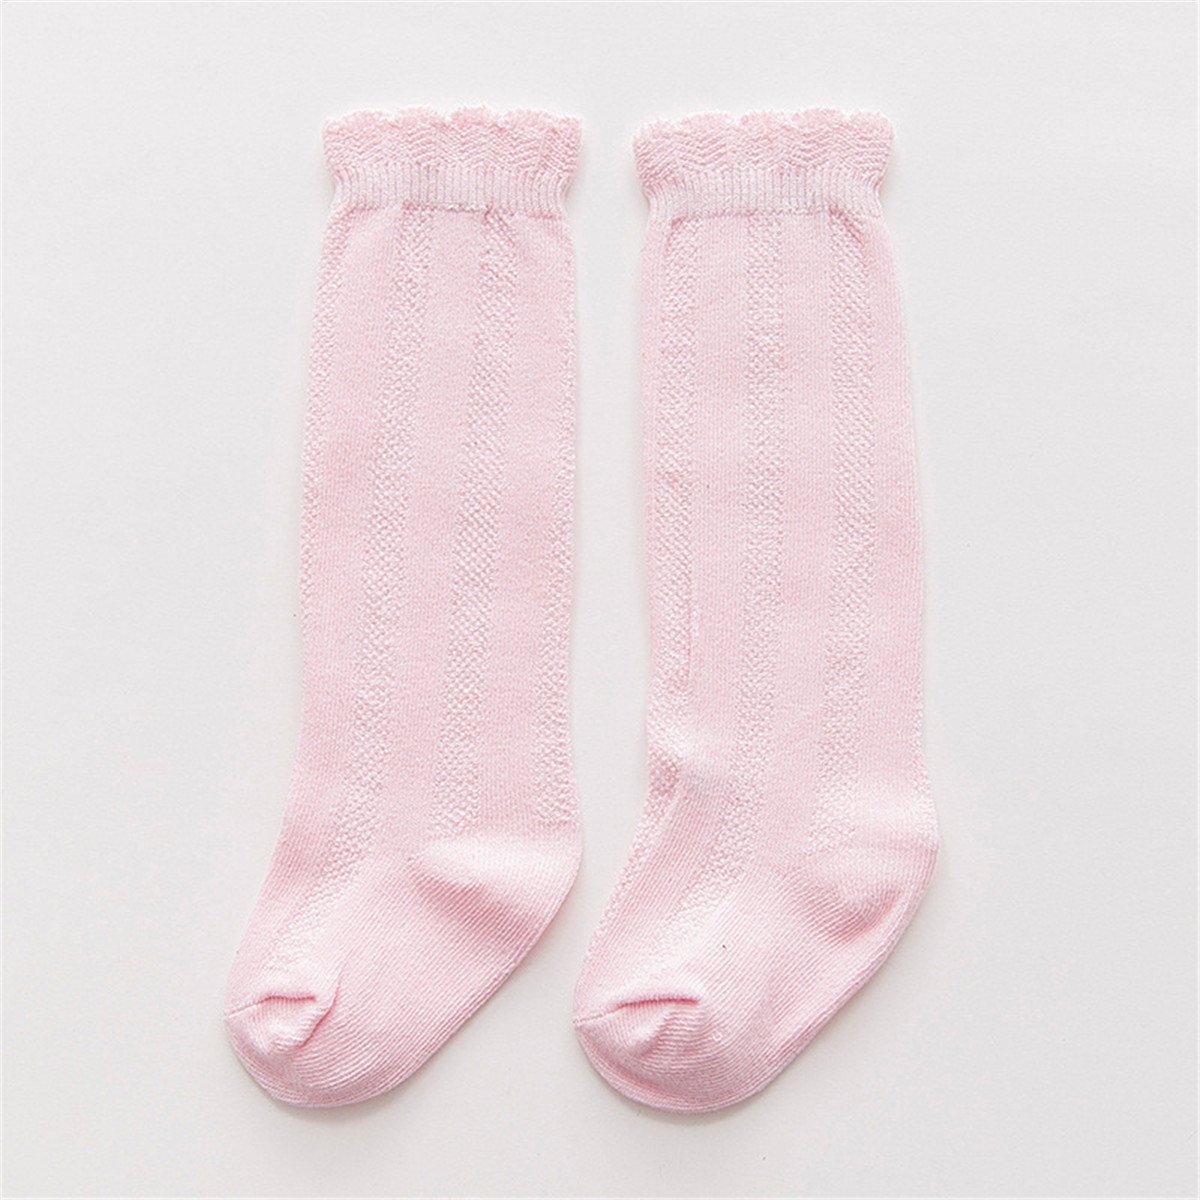 5 Pack Baby Girls Boys Uniform Soild Color Knee-High SocksTube Ruffled Stockings